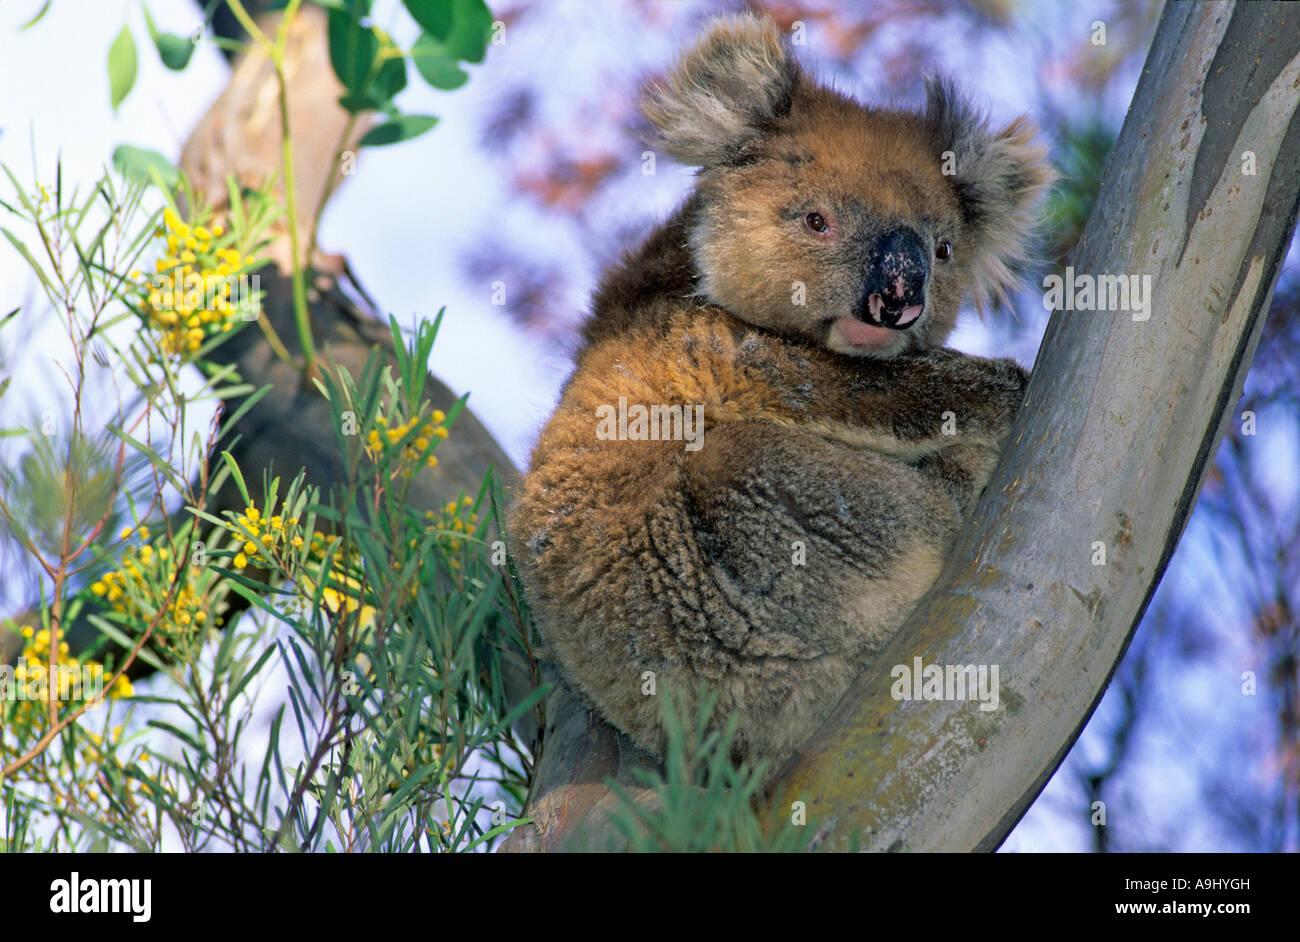 El Koala en un árbol de eucalipto, Kangaroo Island, South Australia, Australia Imagen De Stock